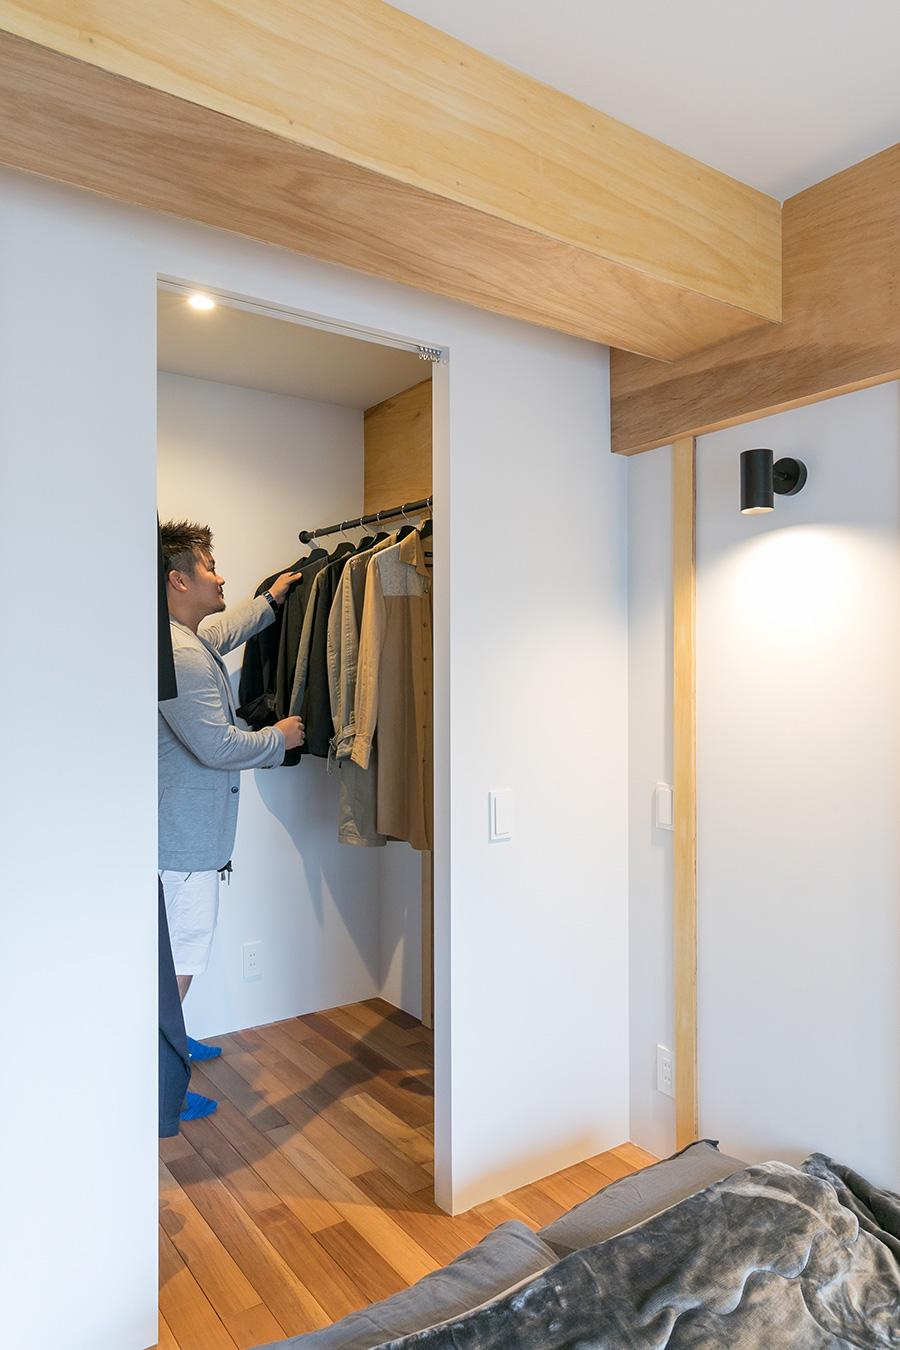 寝室に隣接して設けたウォークインクローゼット。LDKからはちょうど死角になっていて見えない。